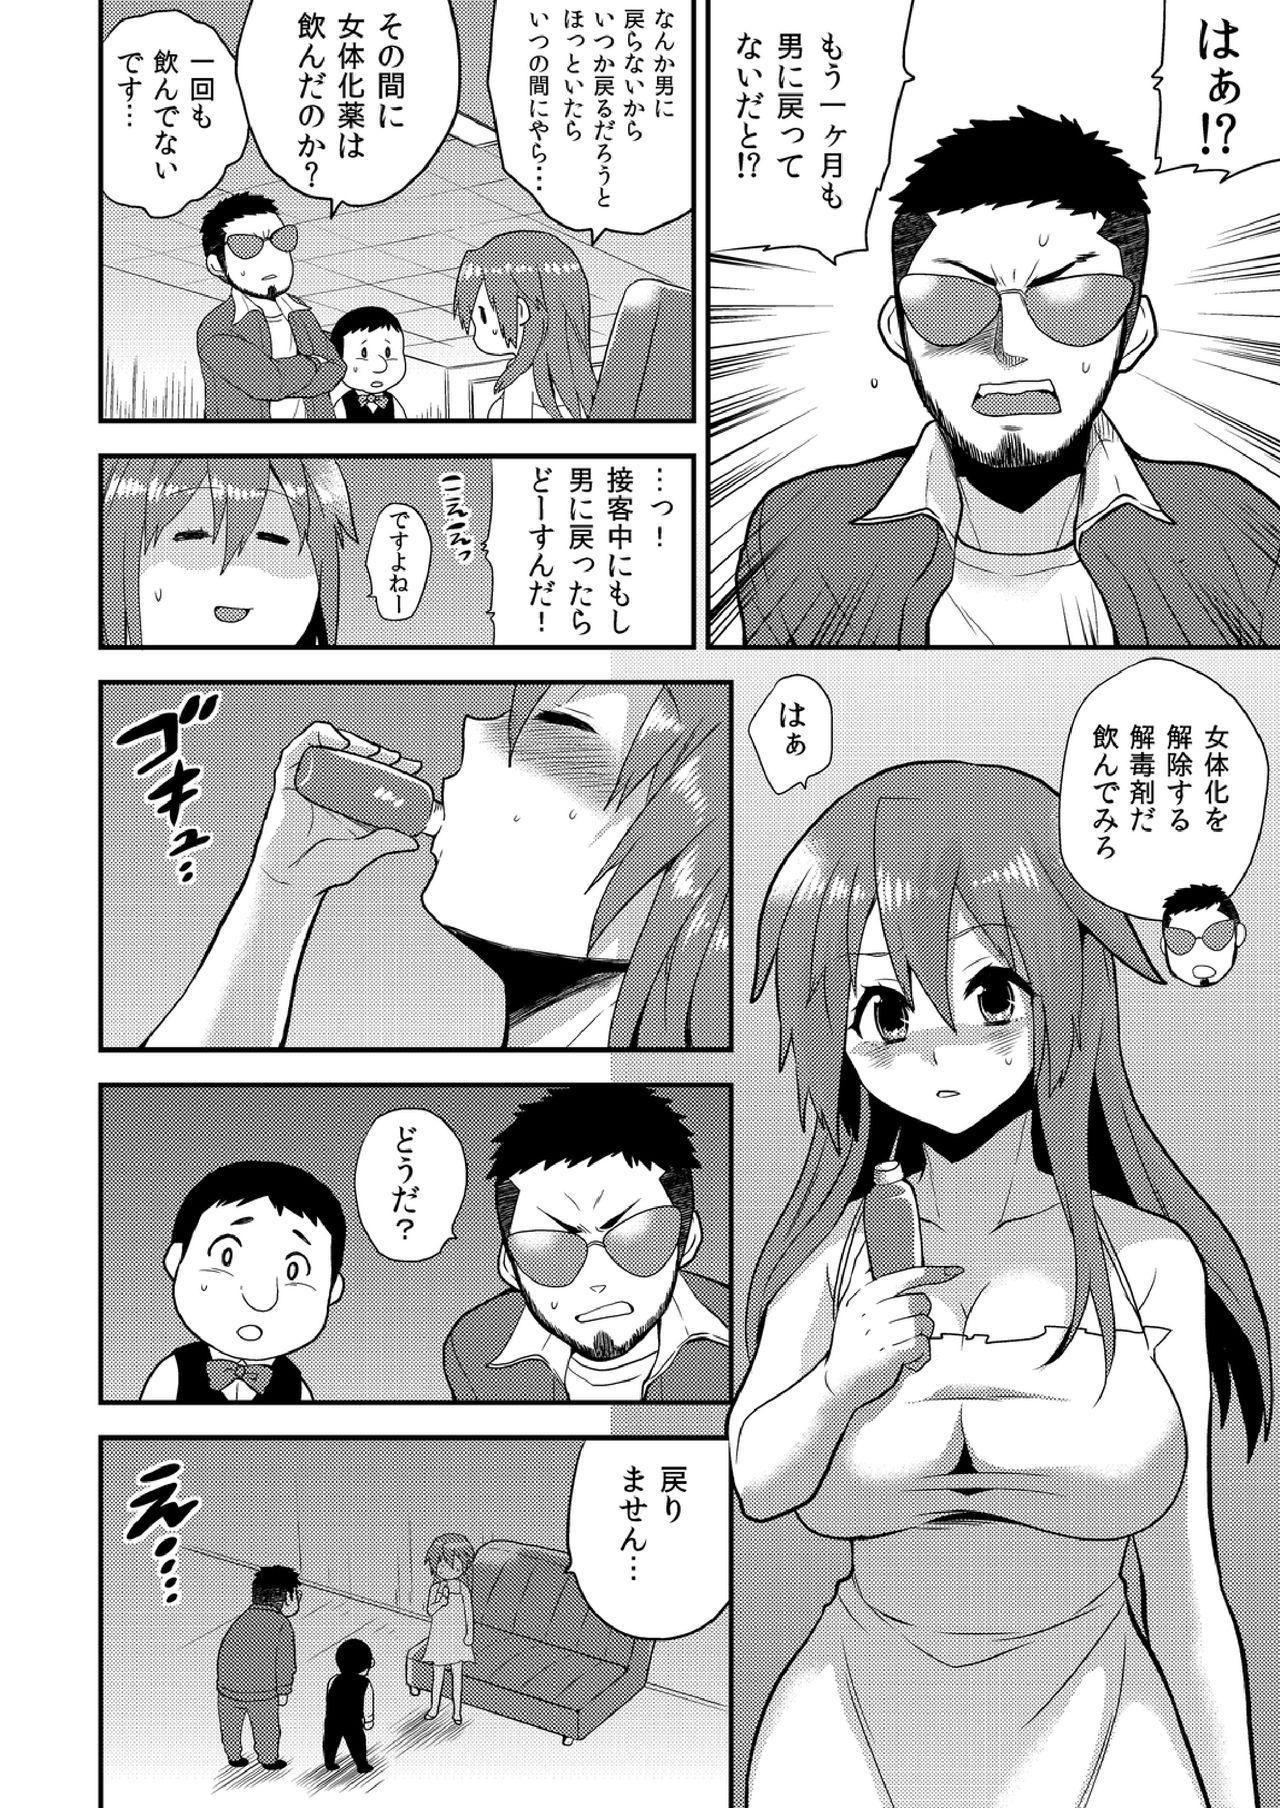 Nyotaika Health de Bikun Bikun ★ Ore no Omame ga Chou Binkan! 18